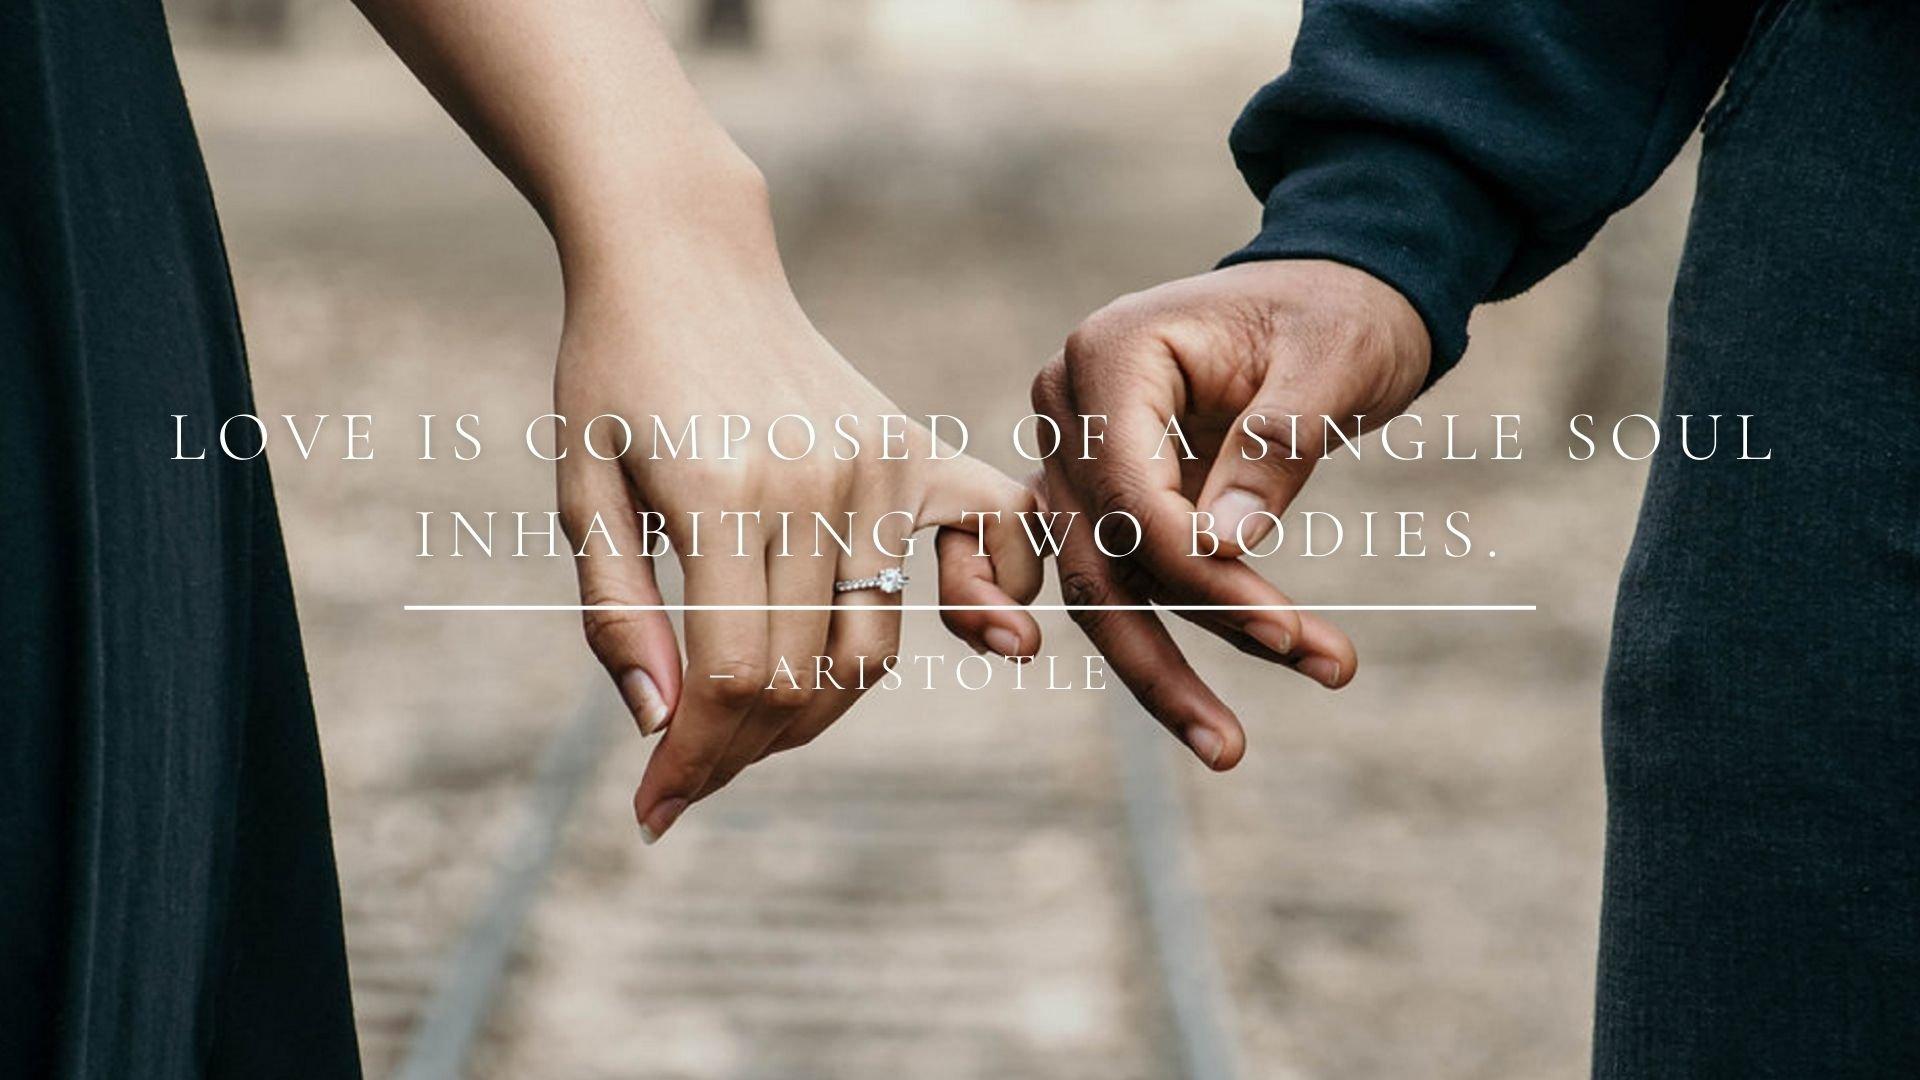 цитати які мотивують, мотиваційні цитати англійською про кохання